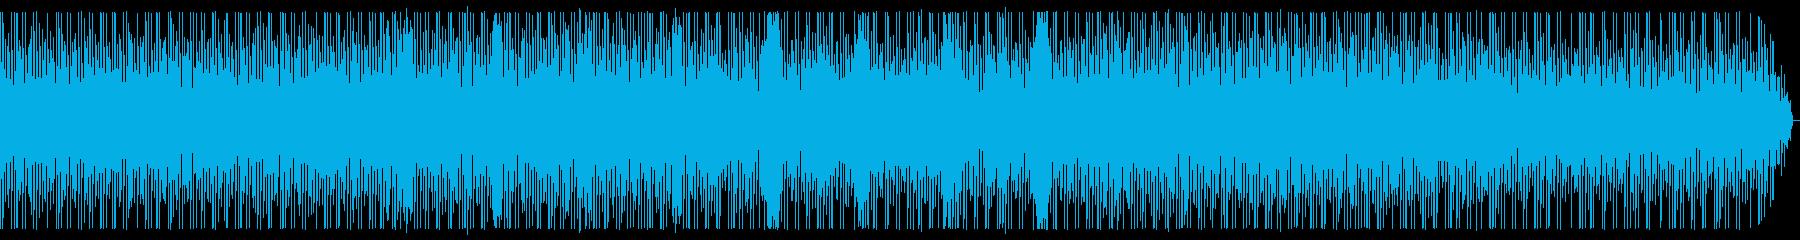 少しコミカルなテクノの再生済みの波形